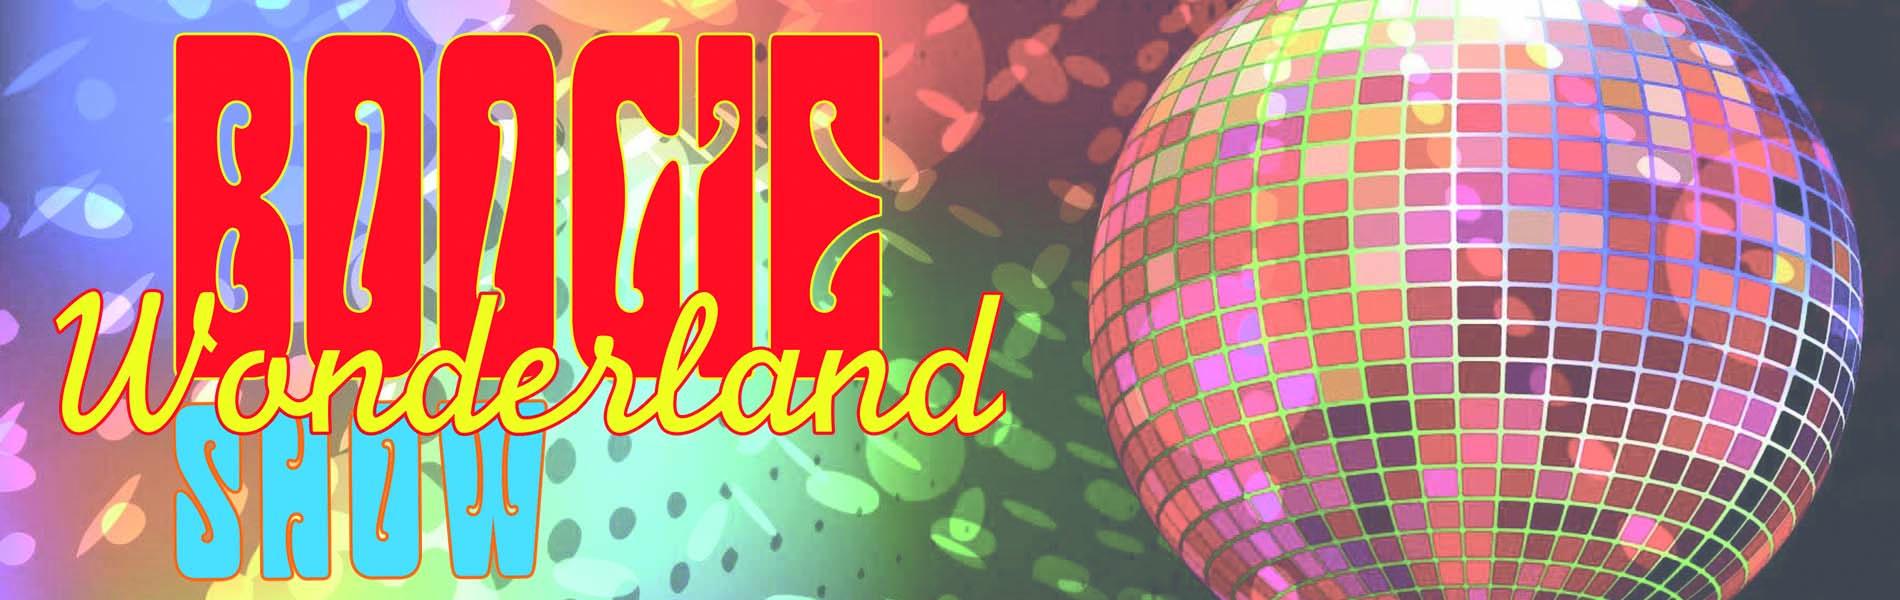 boogie wonderland show banner